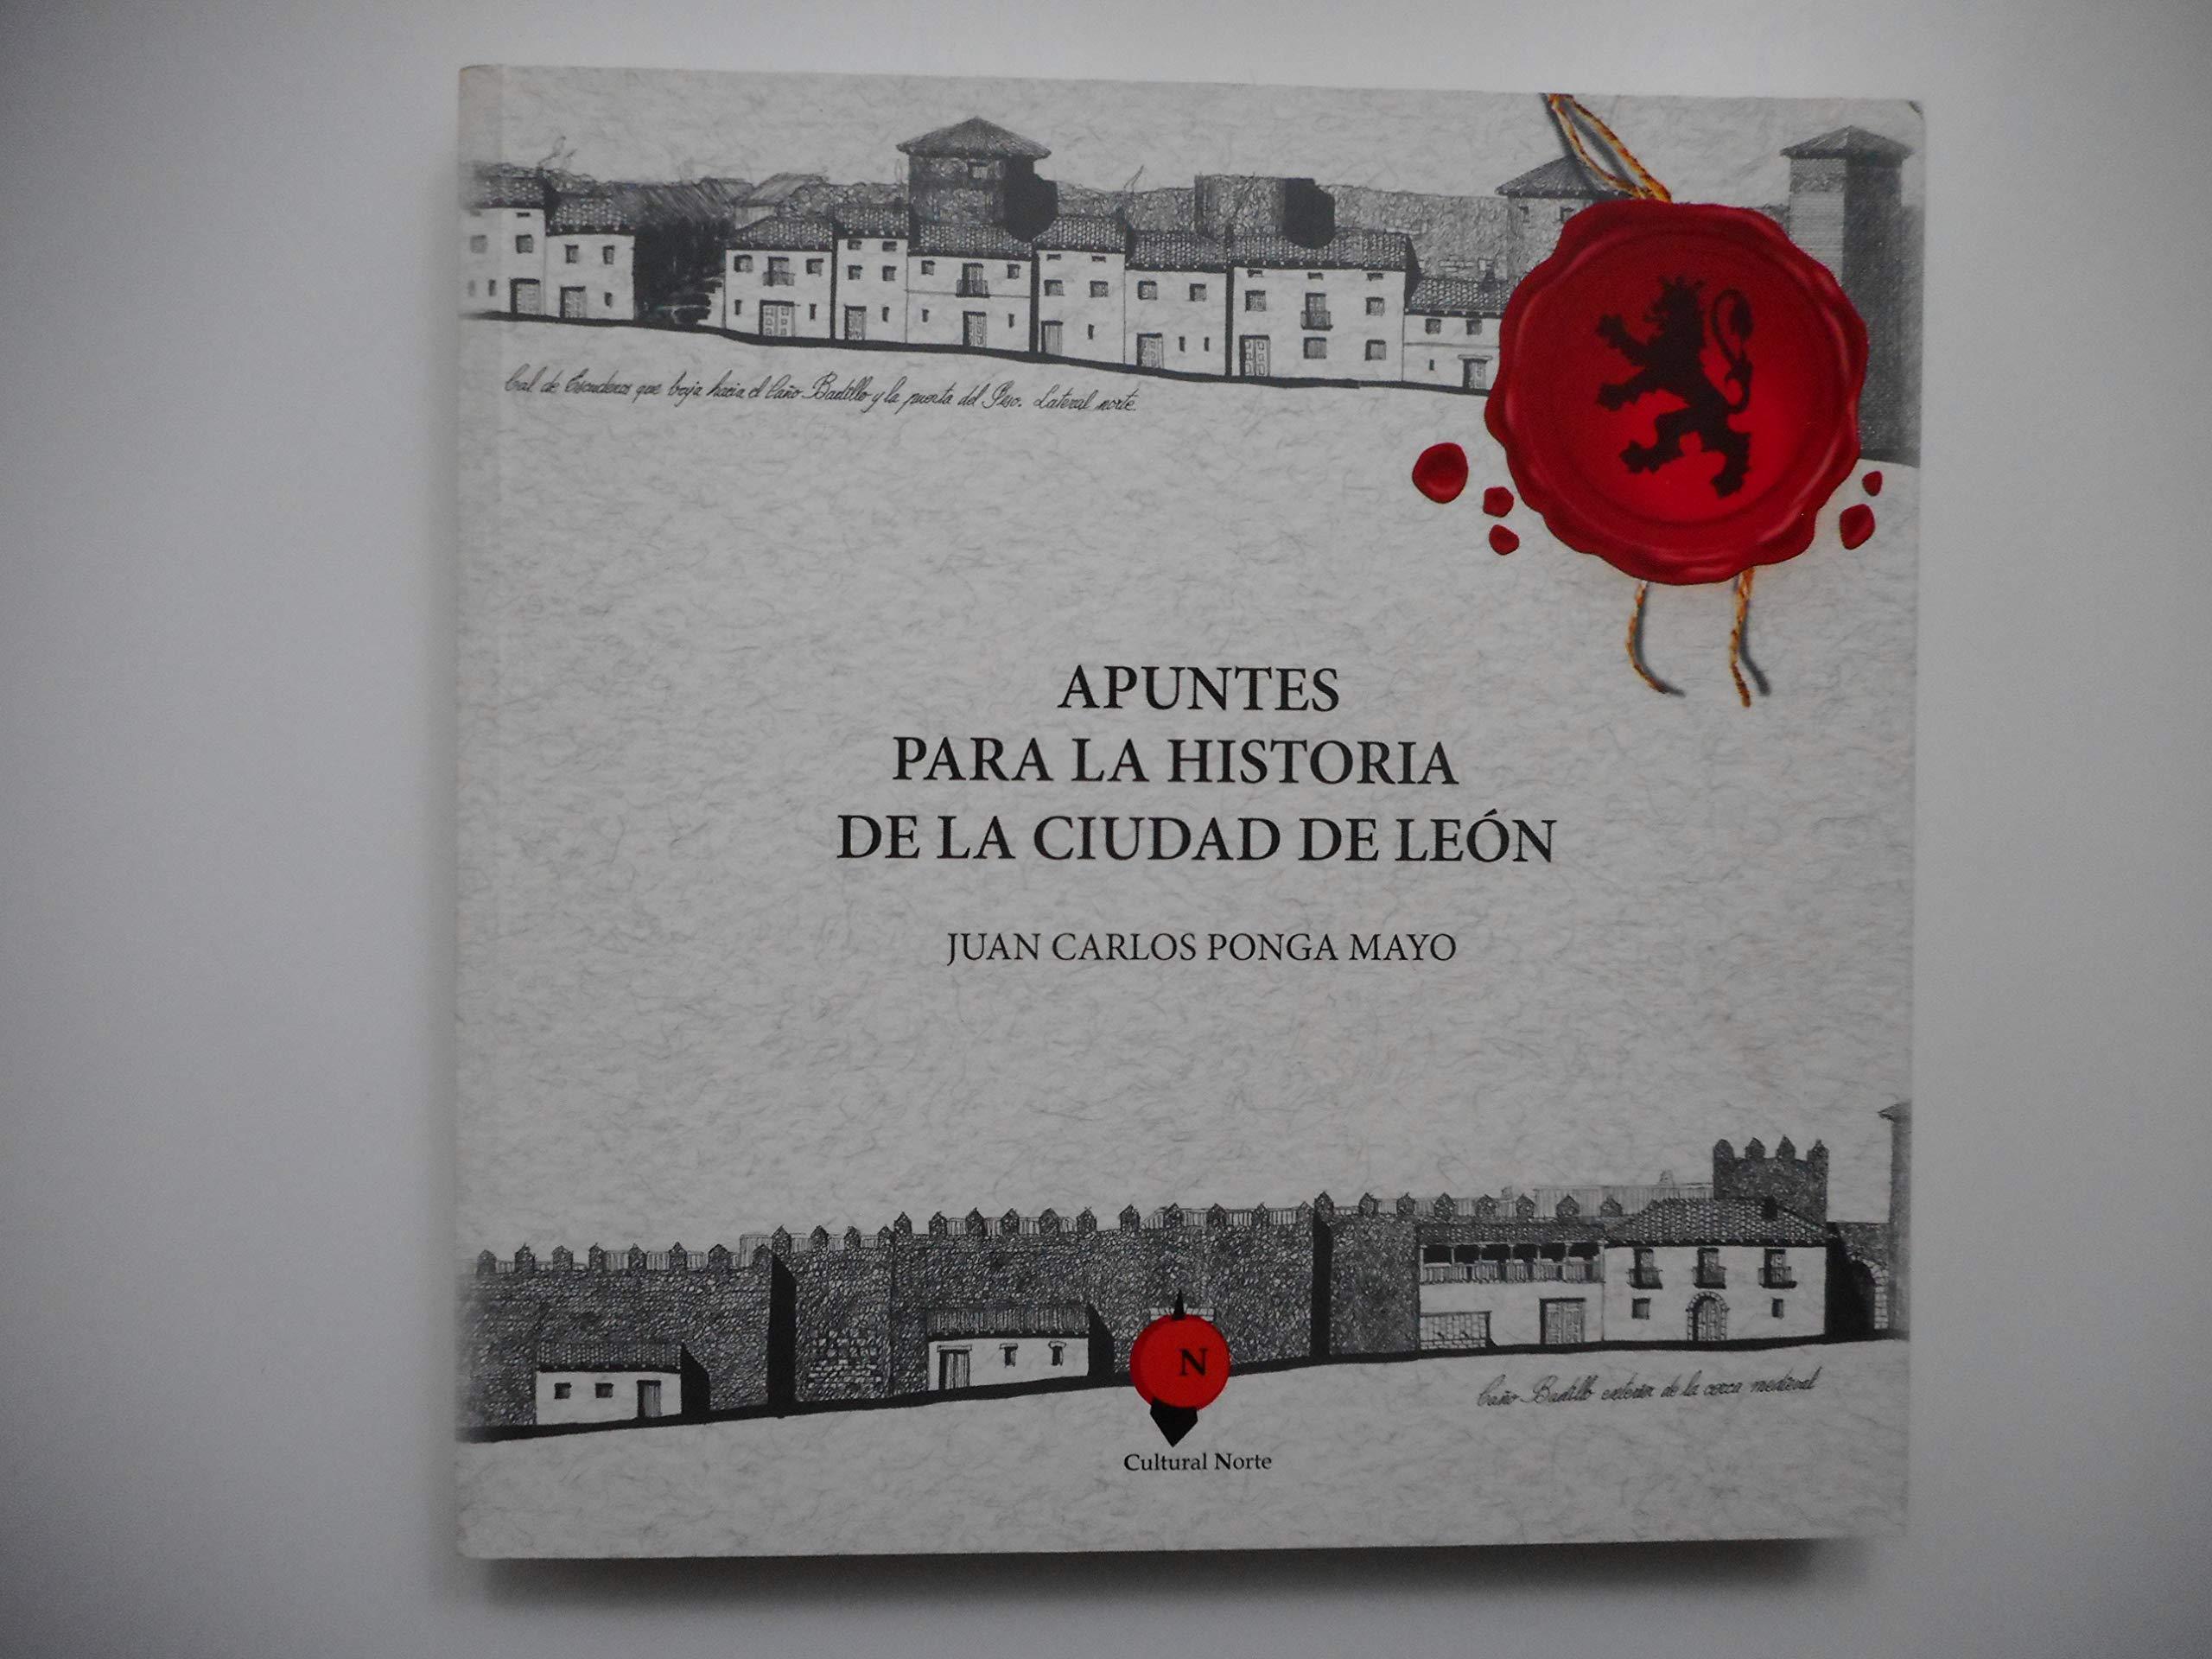 Apuntes para la historia de la ciudad de León: Amazon.es: Ponga Mayo, Juan Carlos: Libros